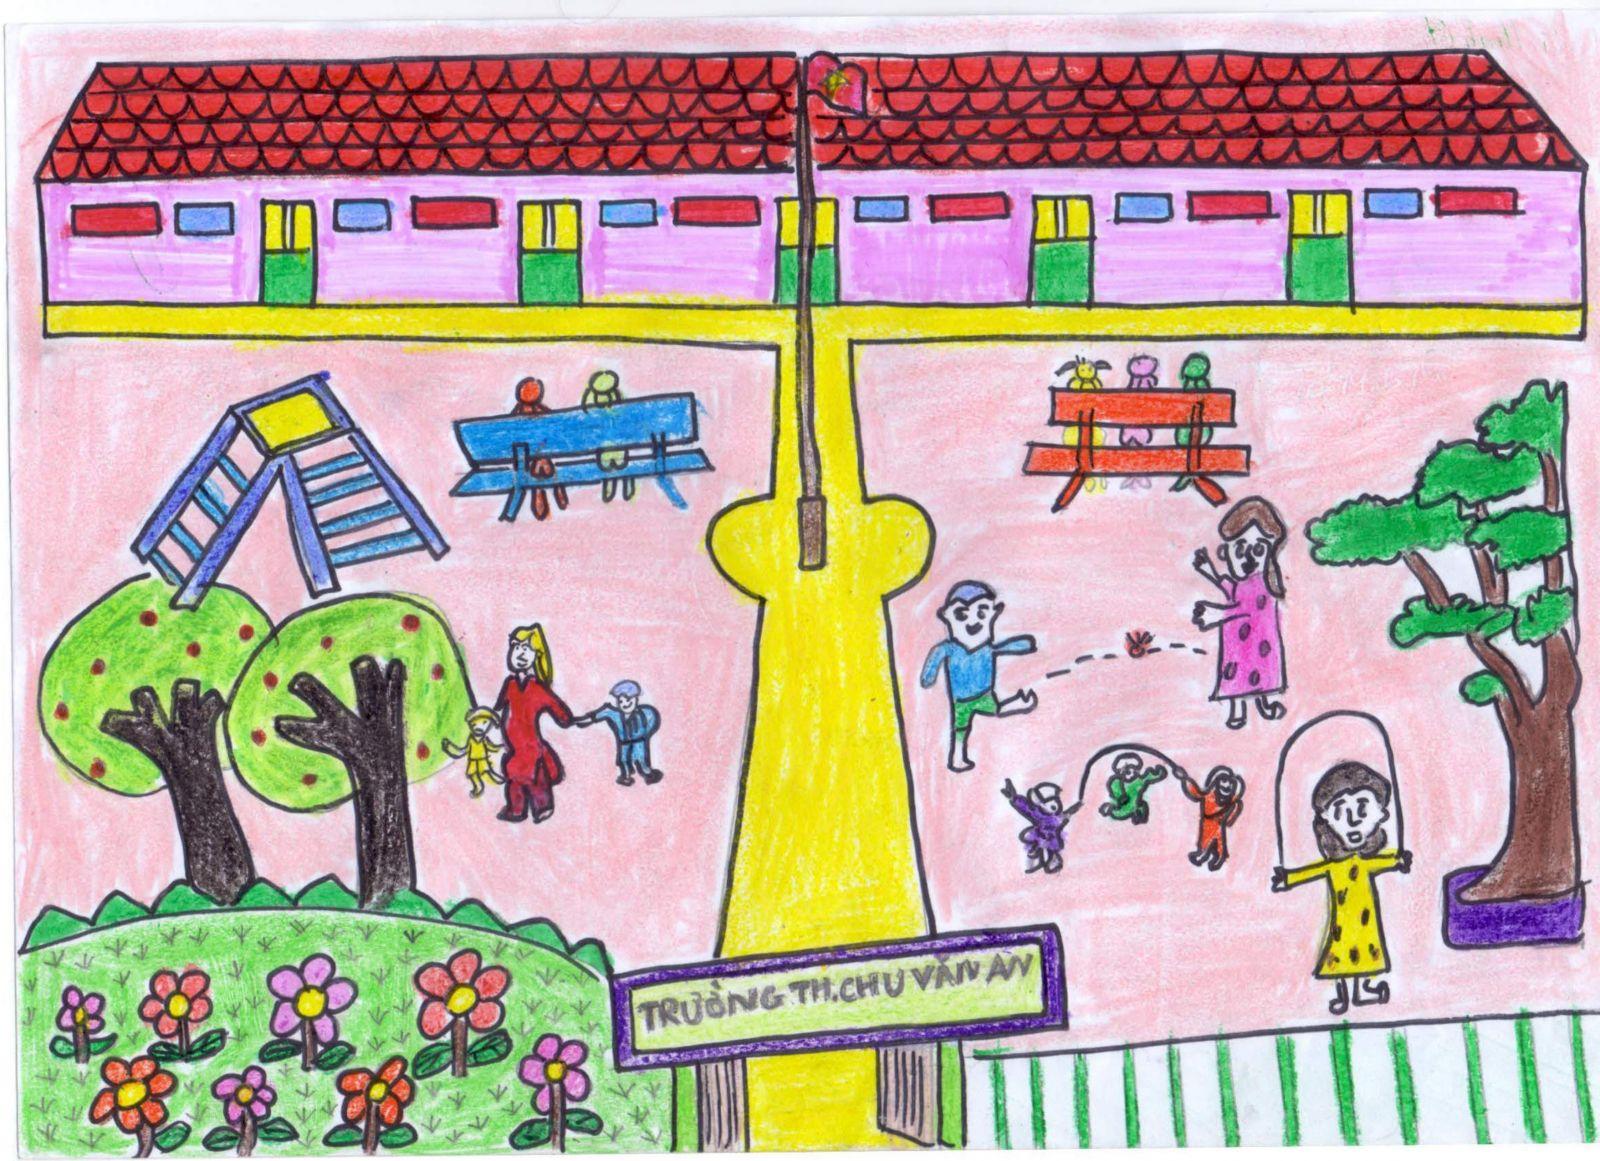 Vẽ tranh đề tài trường học